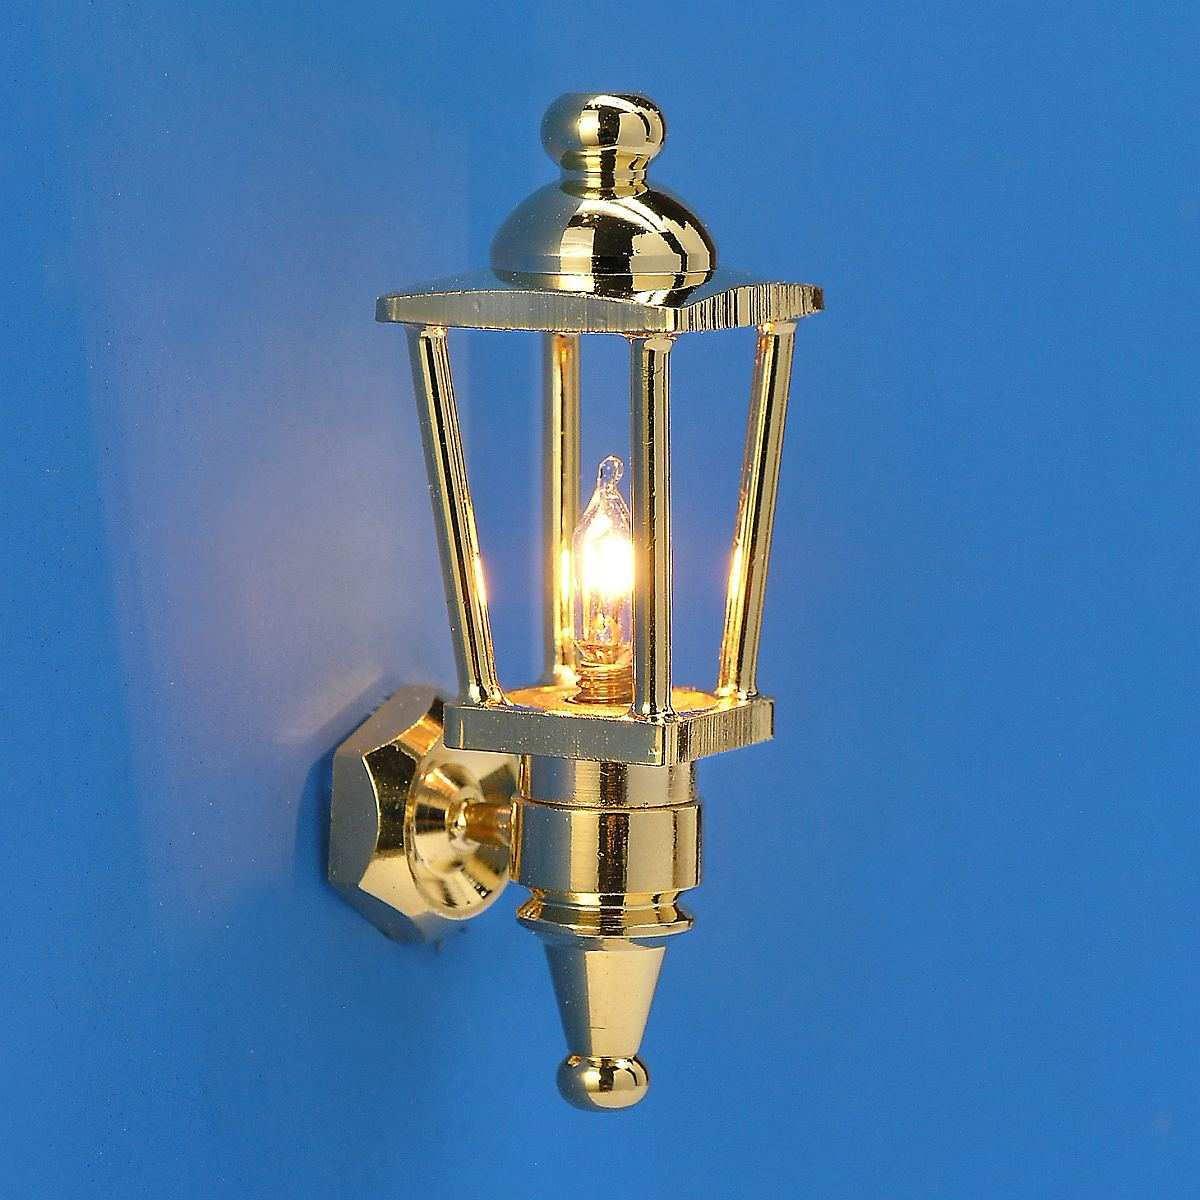 Kutschenlampe, MiniLux